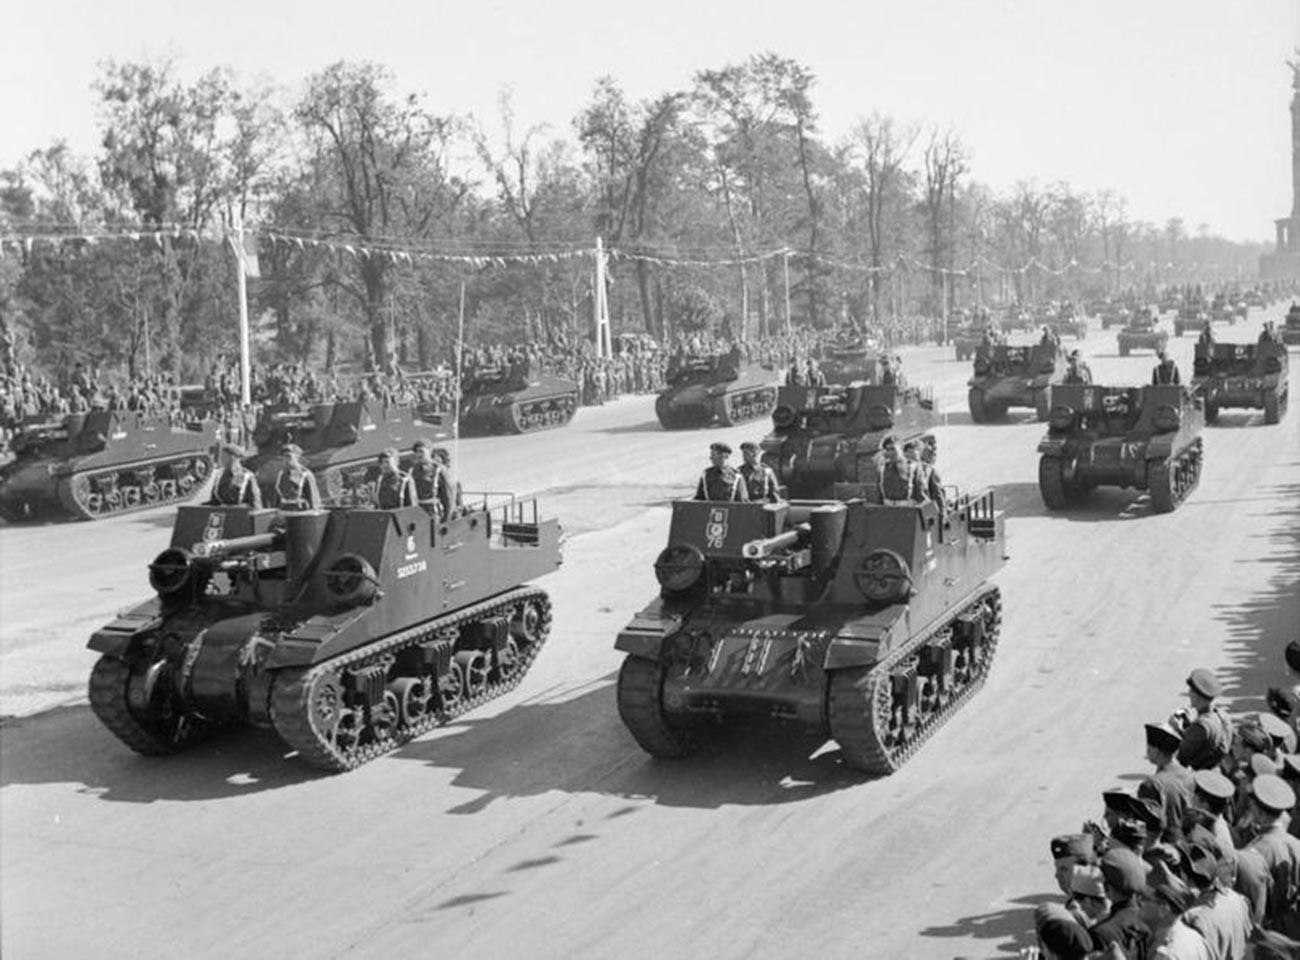 Armas autopropulsadas del Sexton británico durante el desfile del 7 de septiembre.